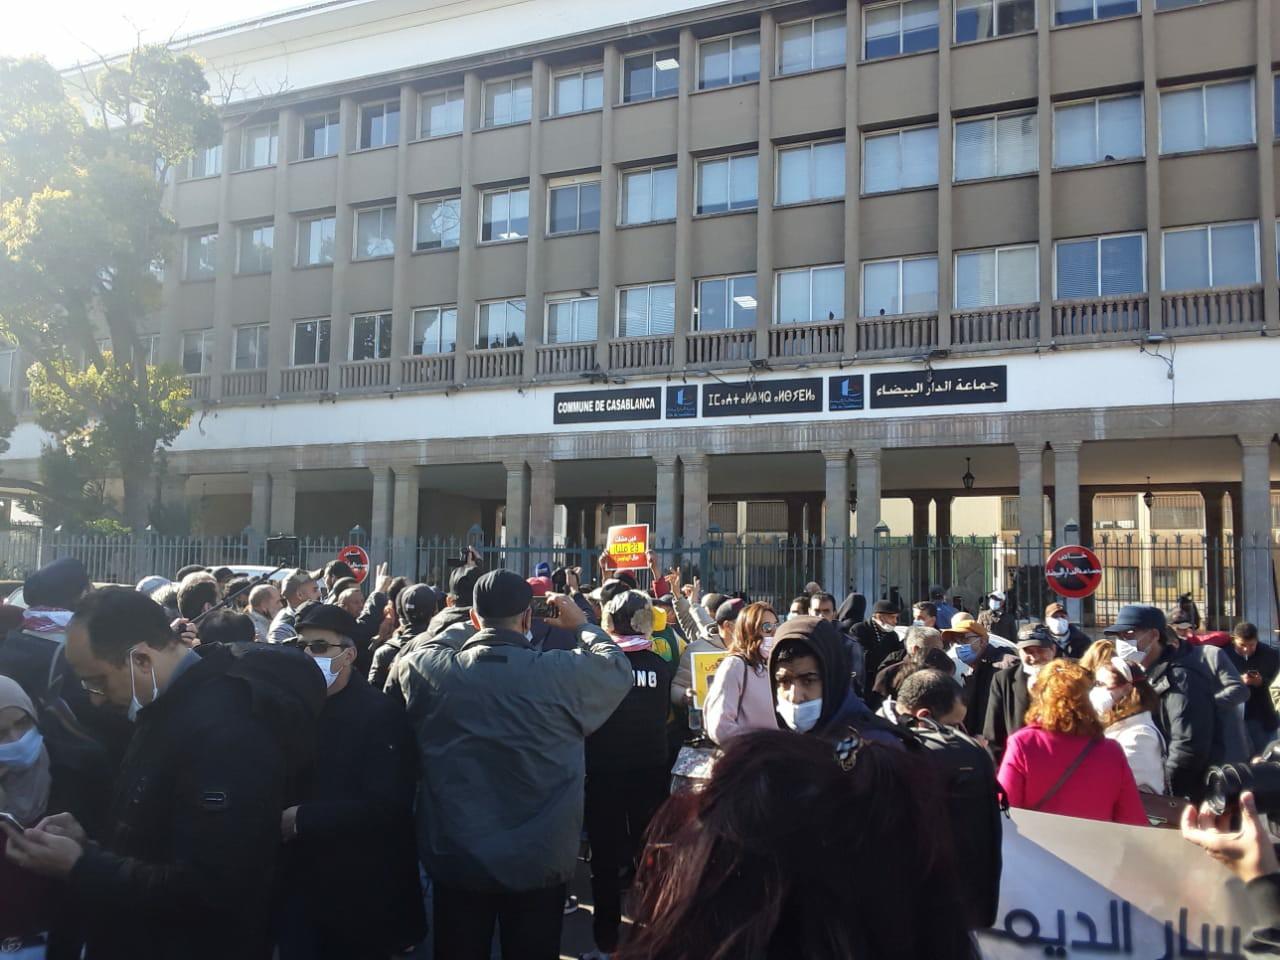 """متظاهرون يرفعون شعار """"ارحل"""" في وجه مجلس جماعة الدار البيضاء"""